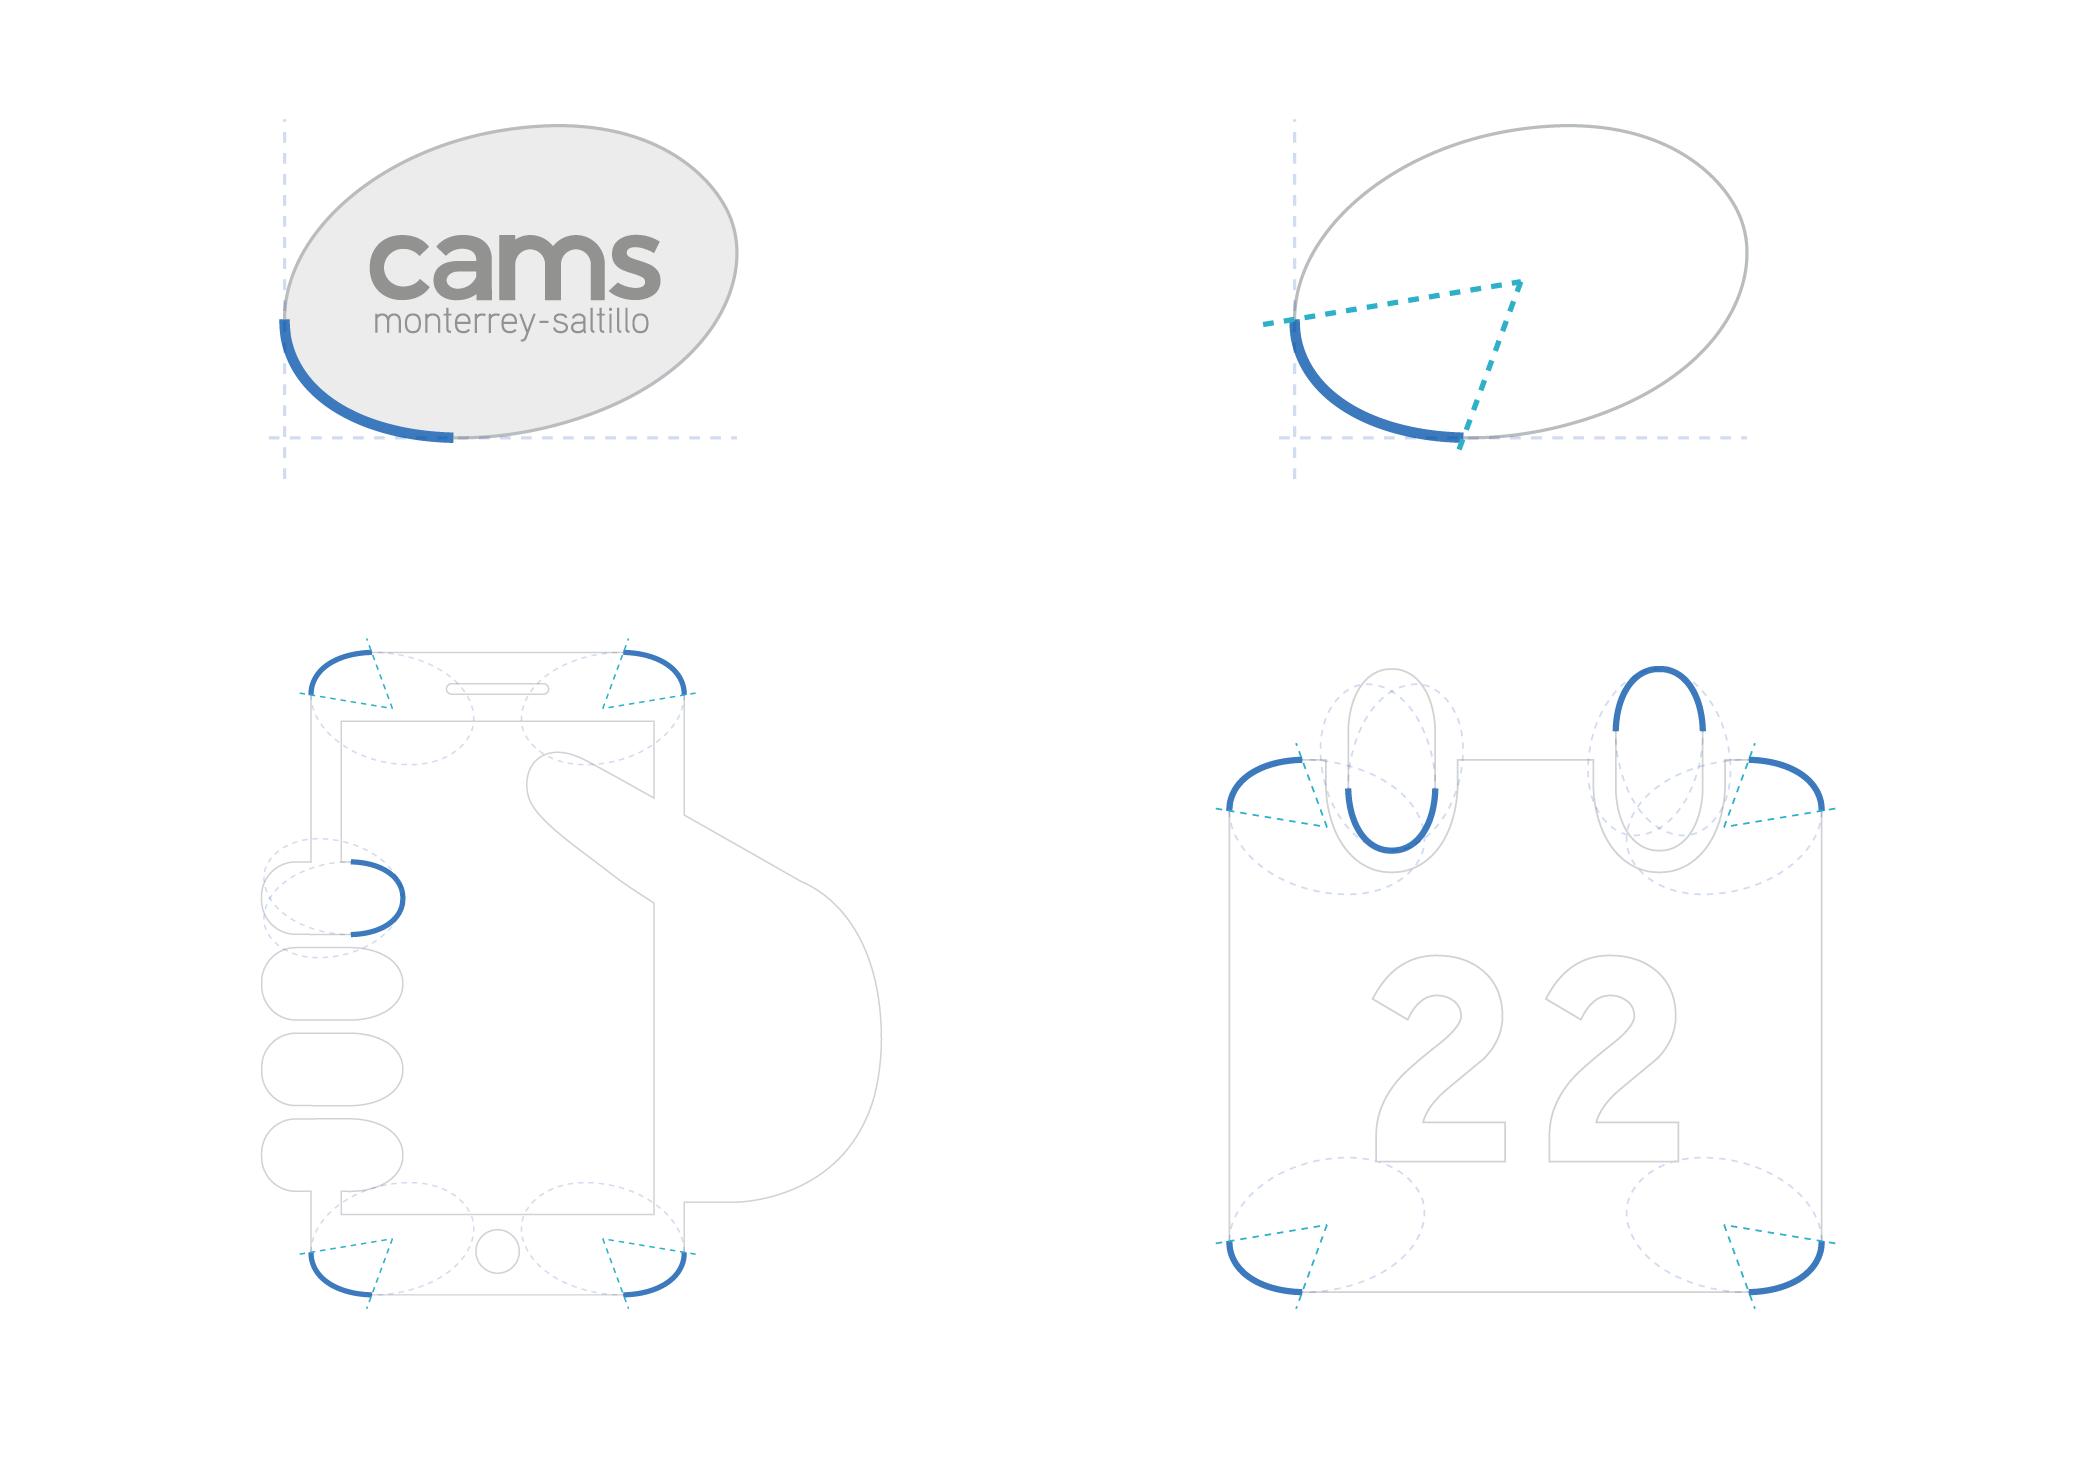 Identidad cams iconos